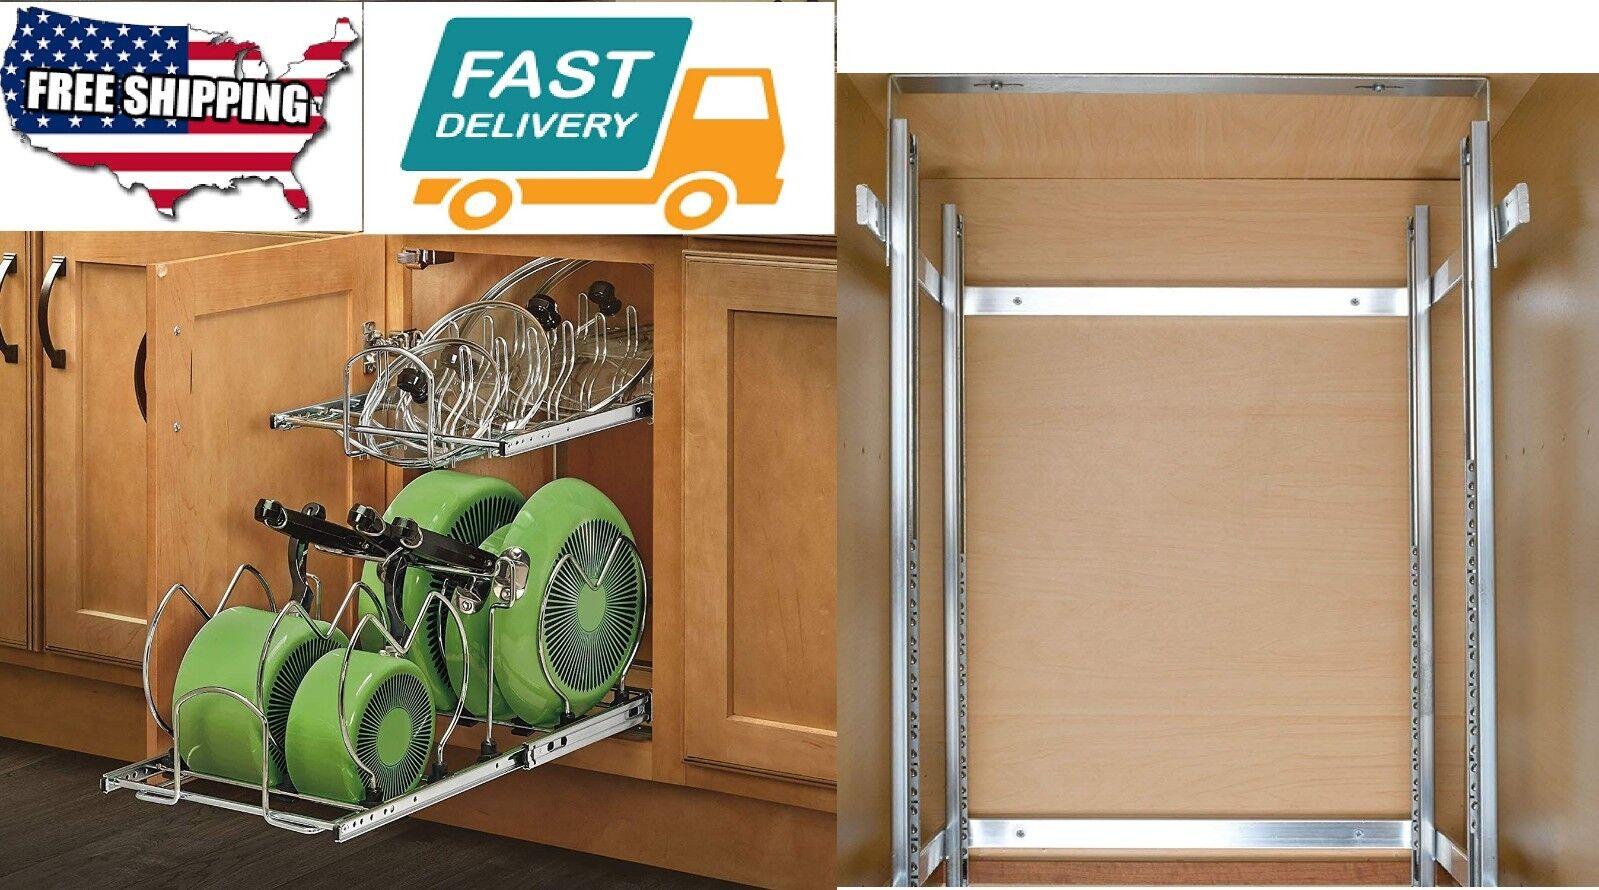 Cocina de casa Pull-out base de 2 niveles del Gabinete Cajón de Almacenamiento Organizador de utensilios de cocina se adapta